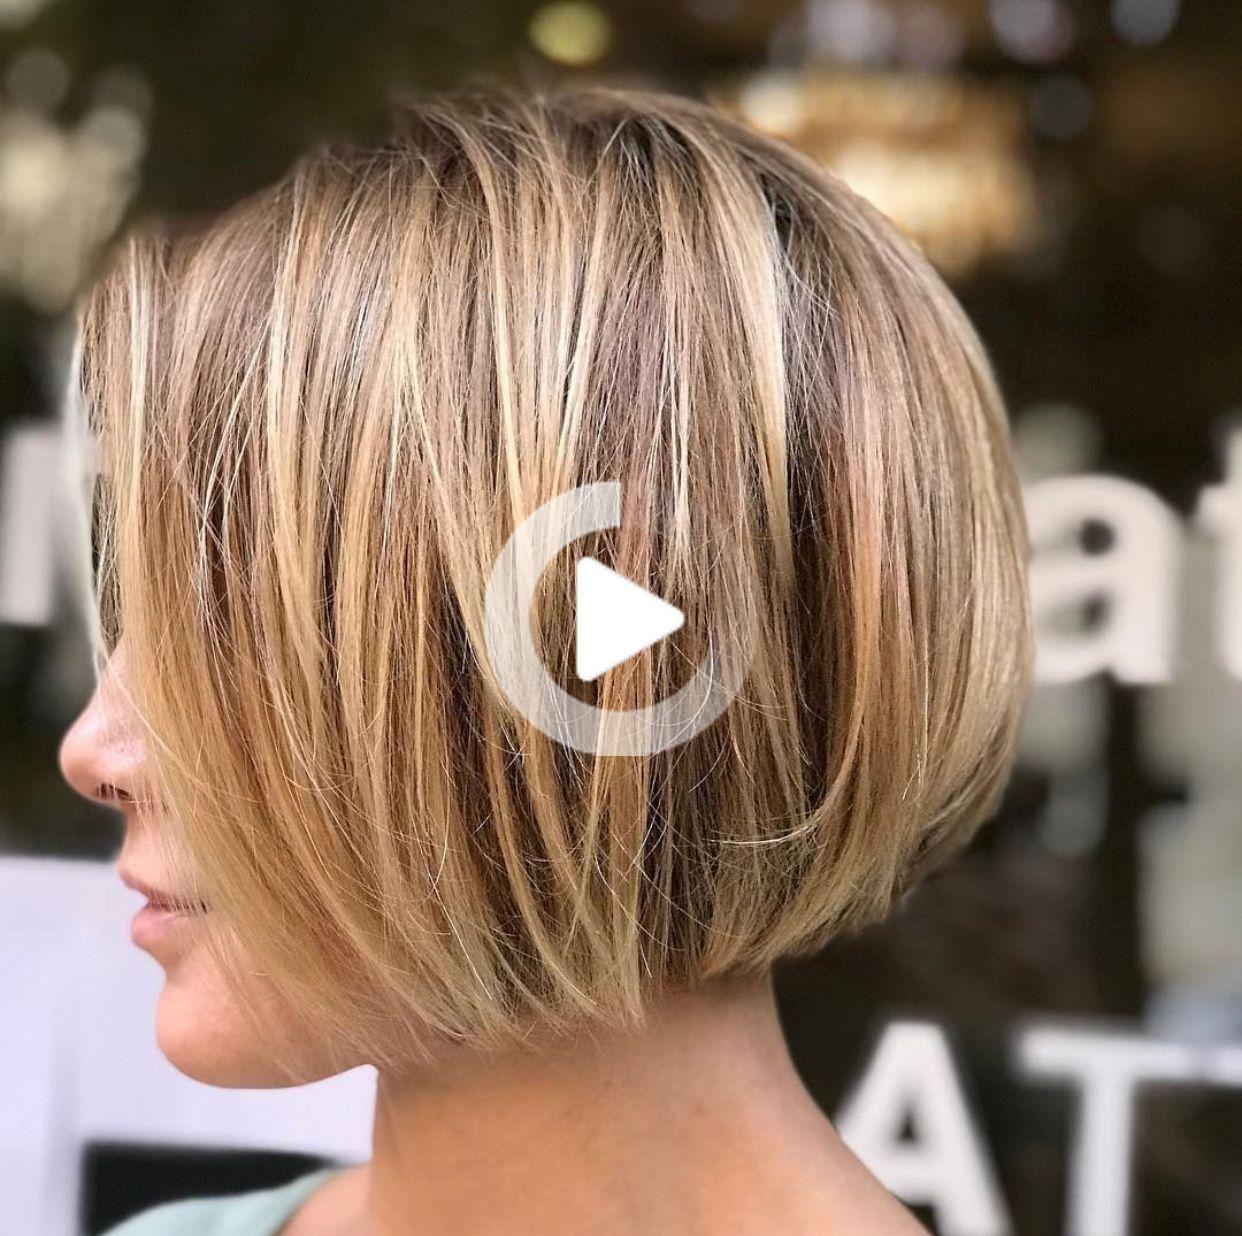 30++ Pinterest coiffure bob des idees